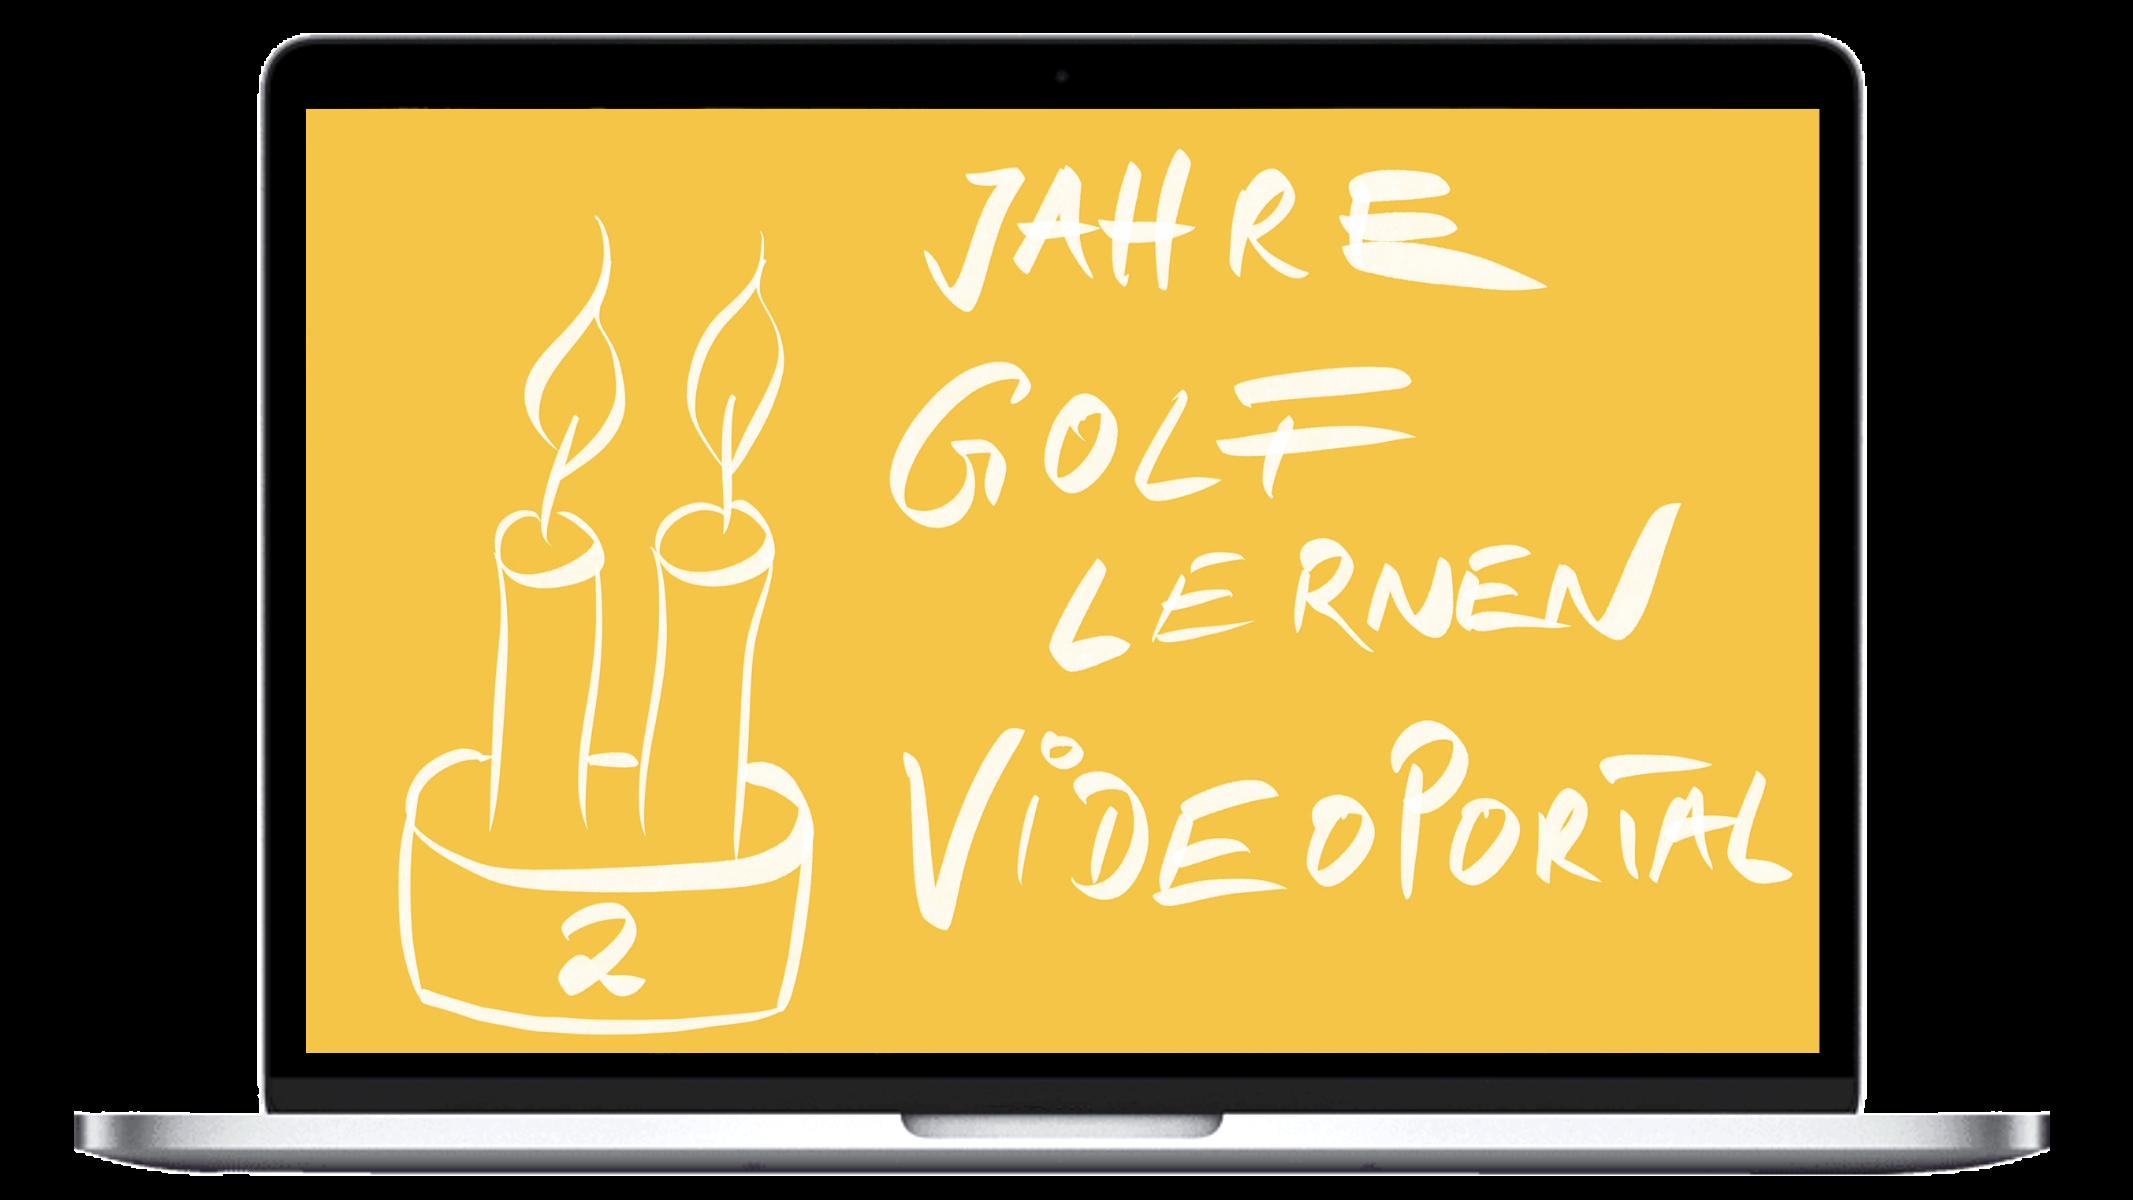 Golftraining Online | Das Golf lernen Videoportal ist nun 2 Jahre alt